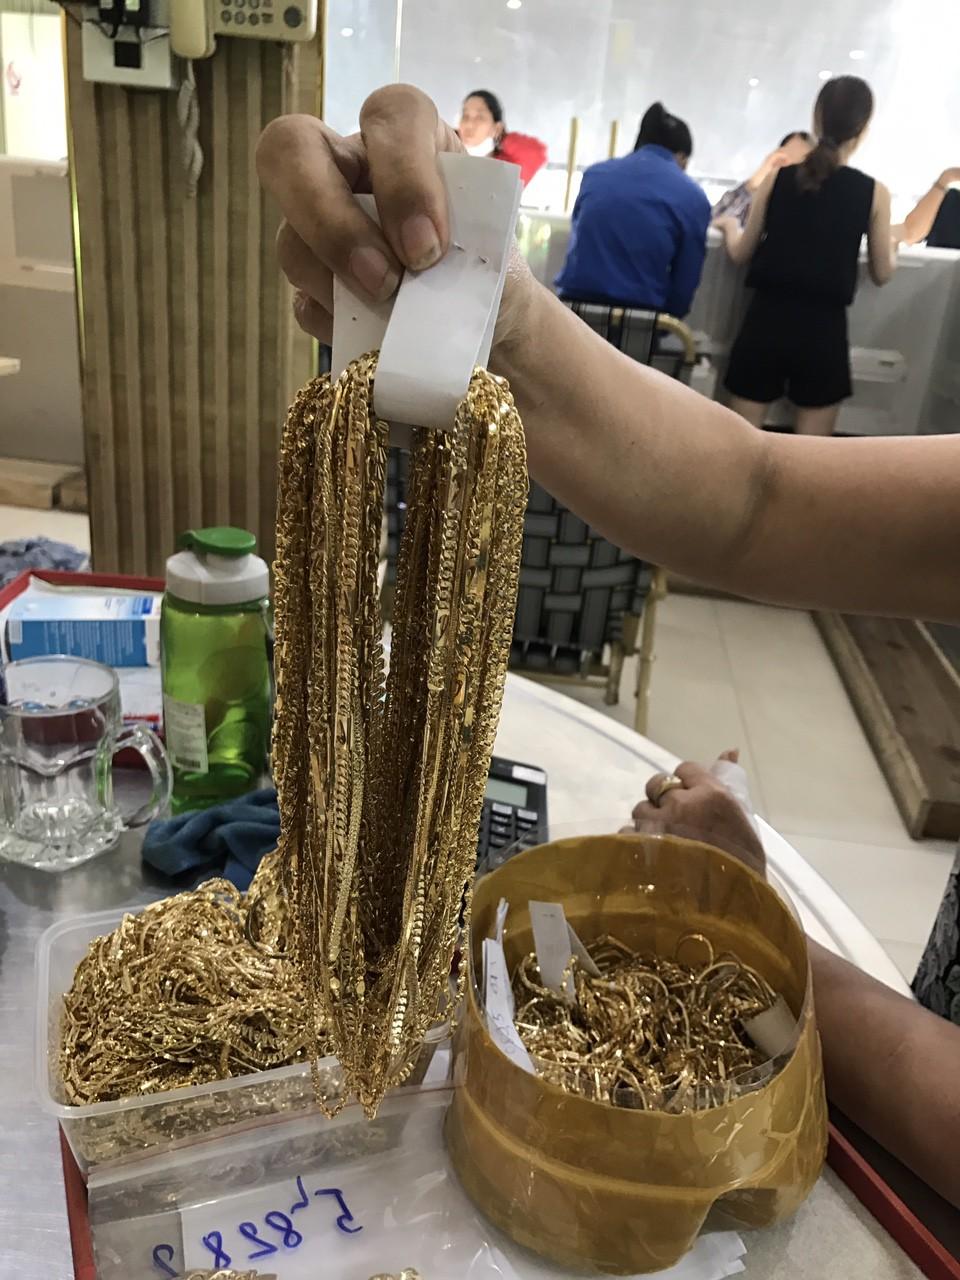 Công an Quảng Nam tìm chủ sở hữu của 230 lượng vàng không rõ nguồn gốc - Ảnh 1.